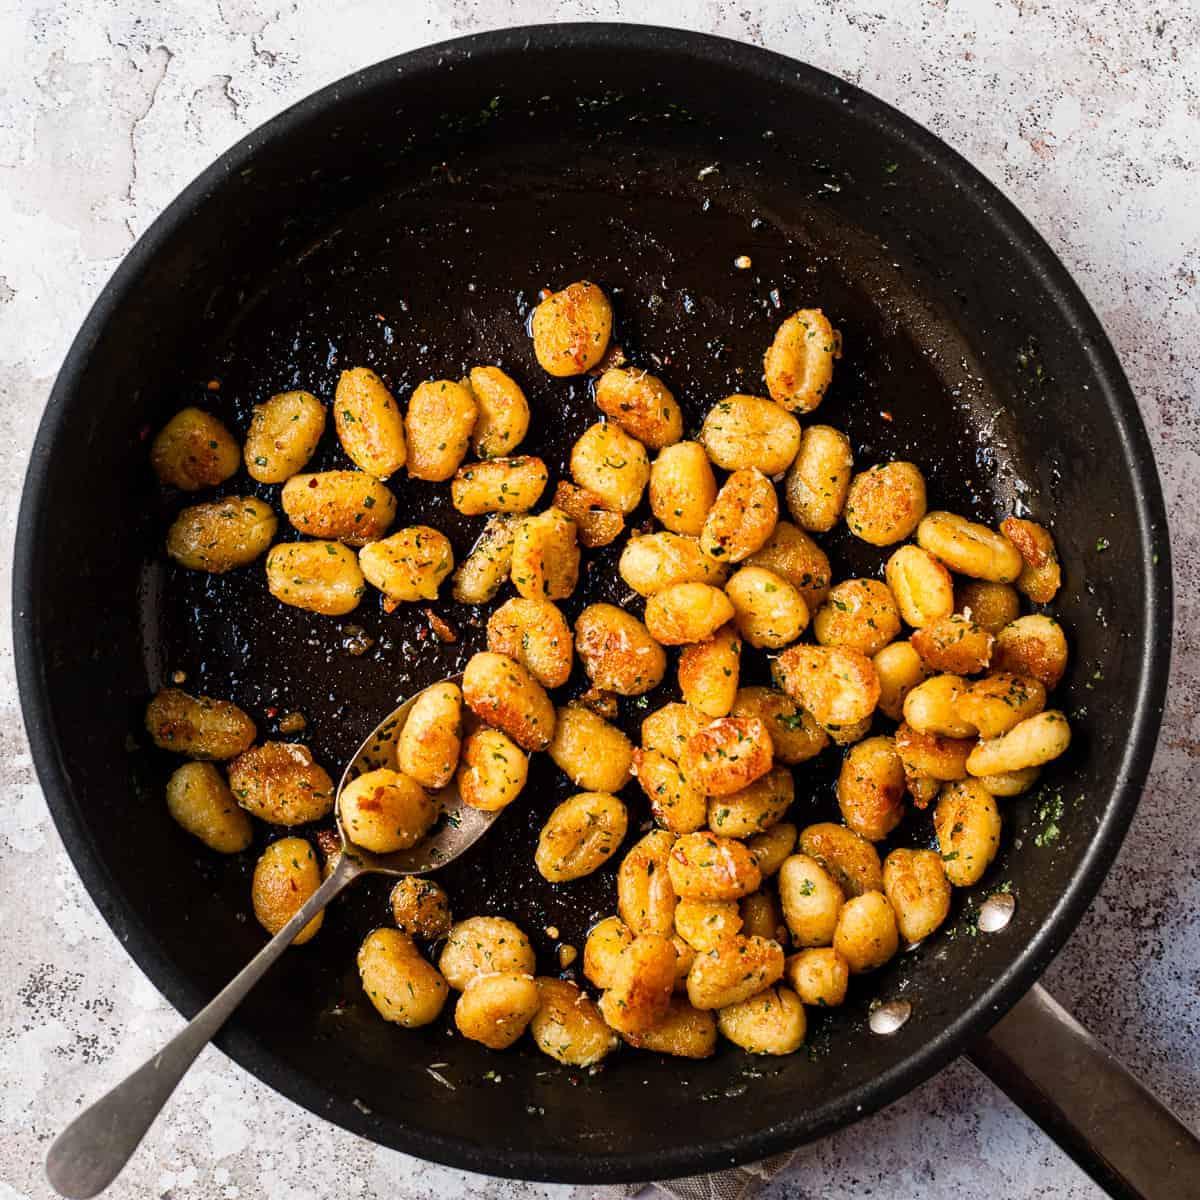 Pan fried gnocchi in a pan